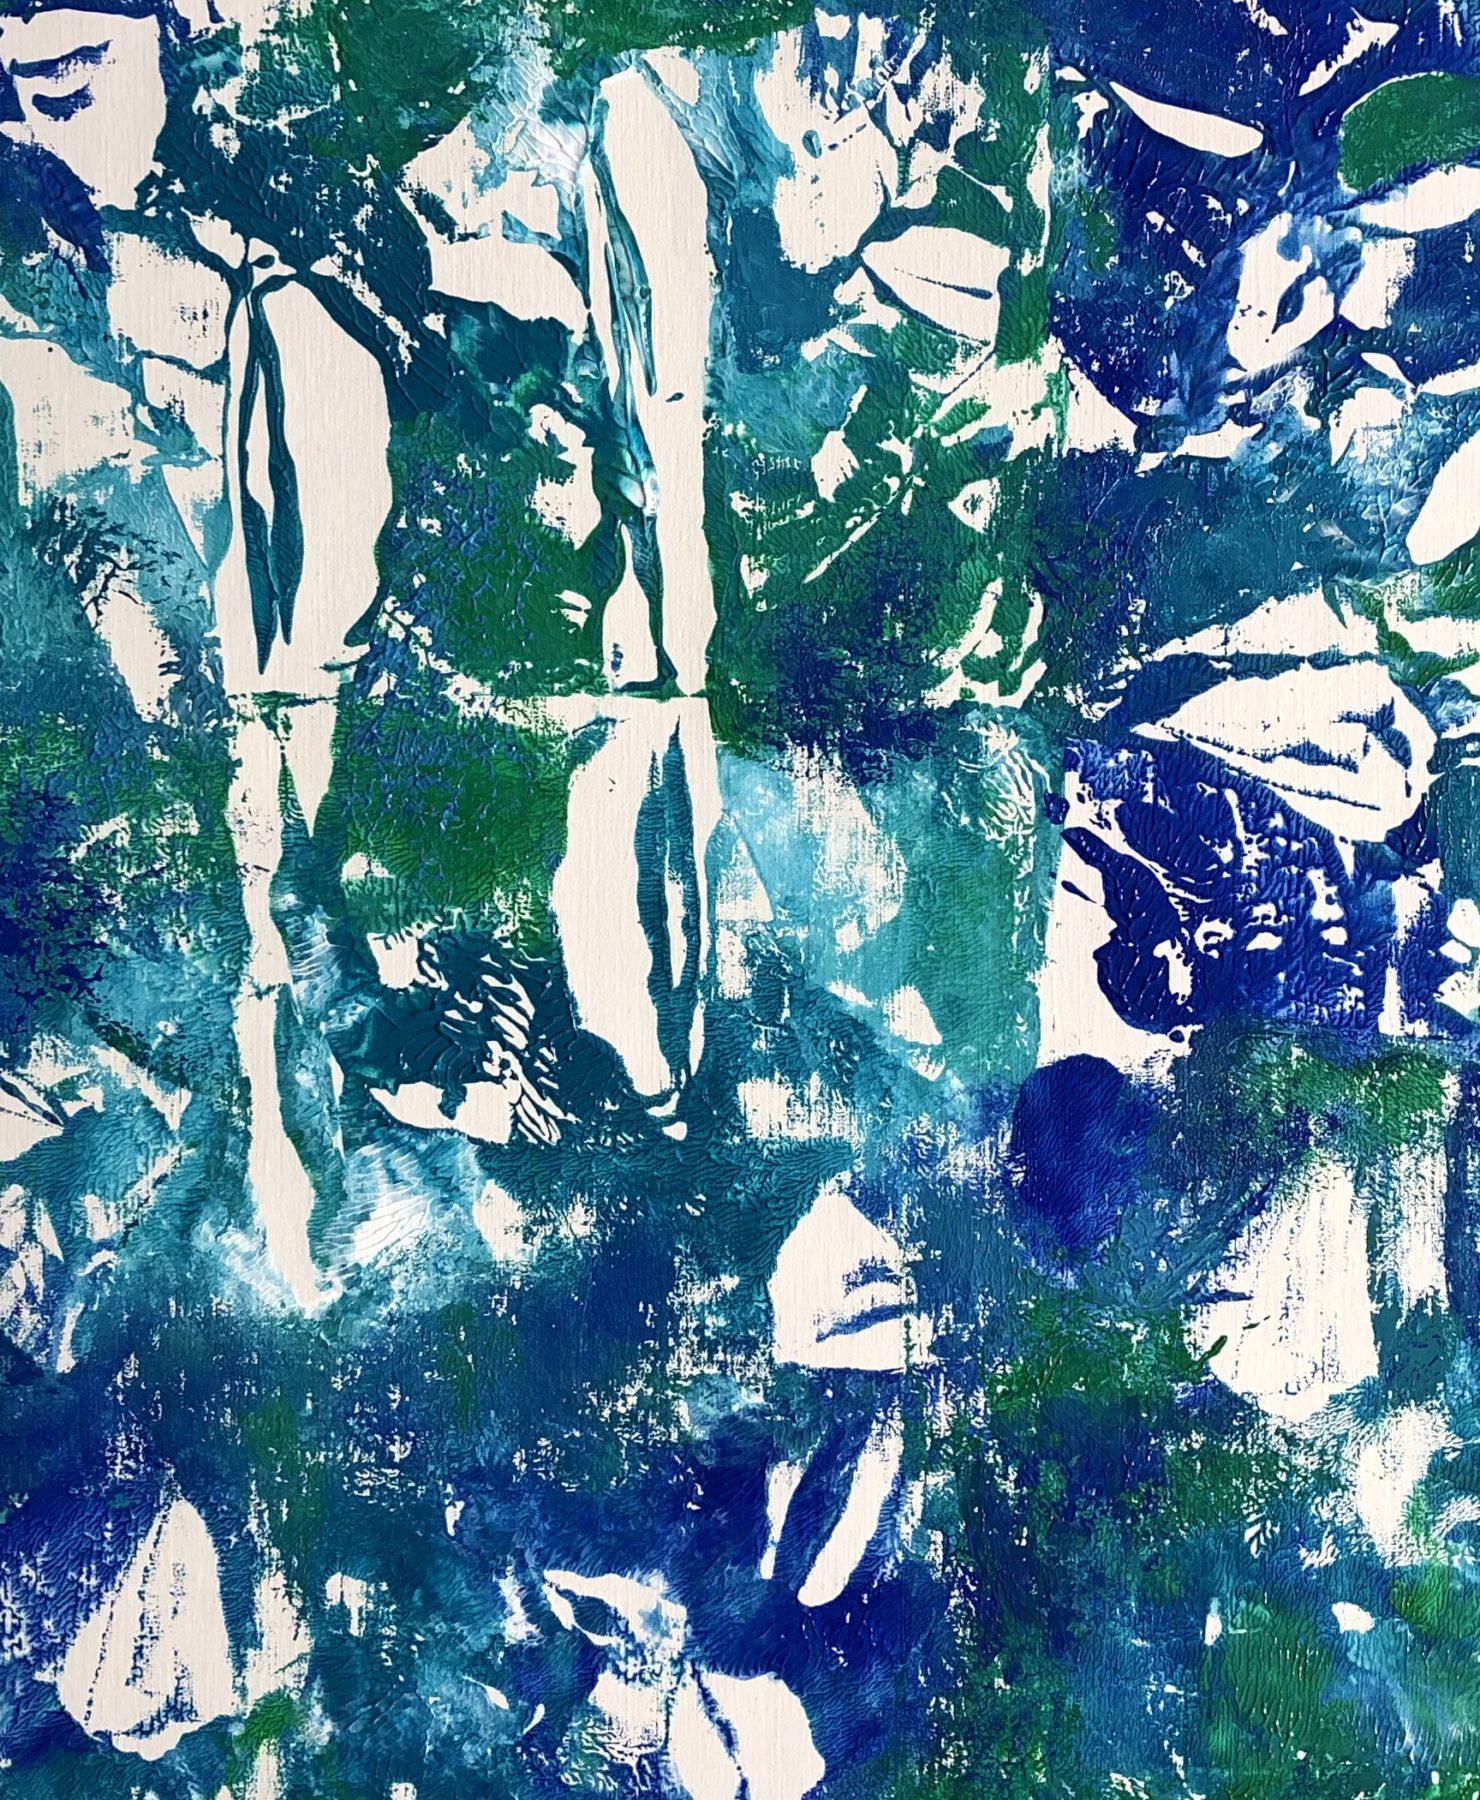 alexandra de grave painting peinture